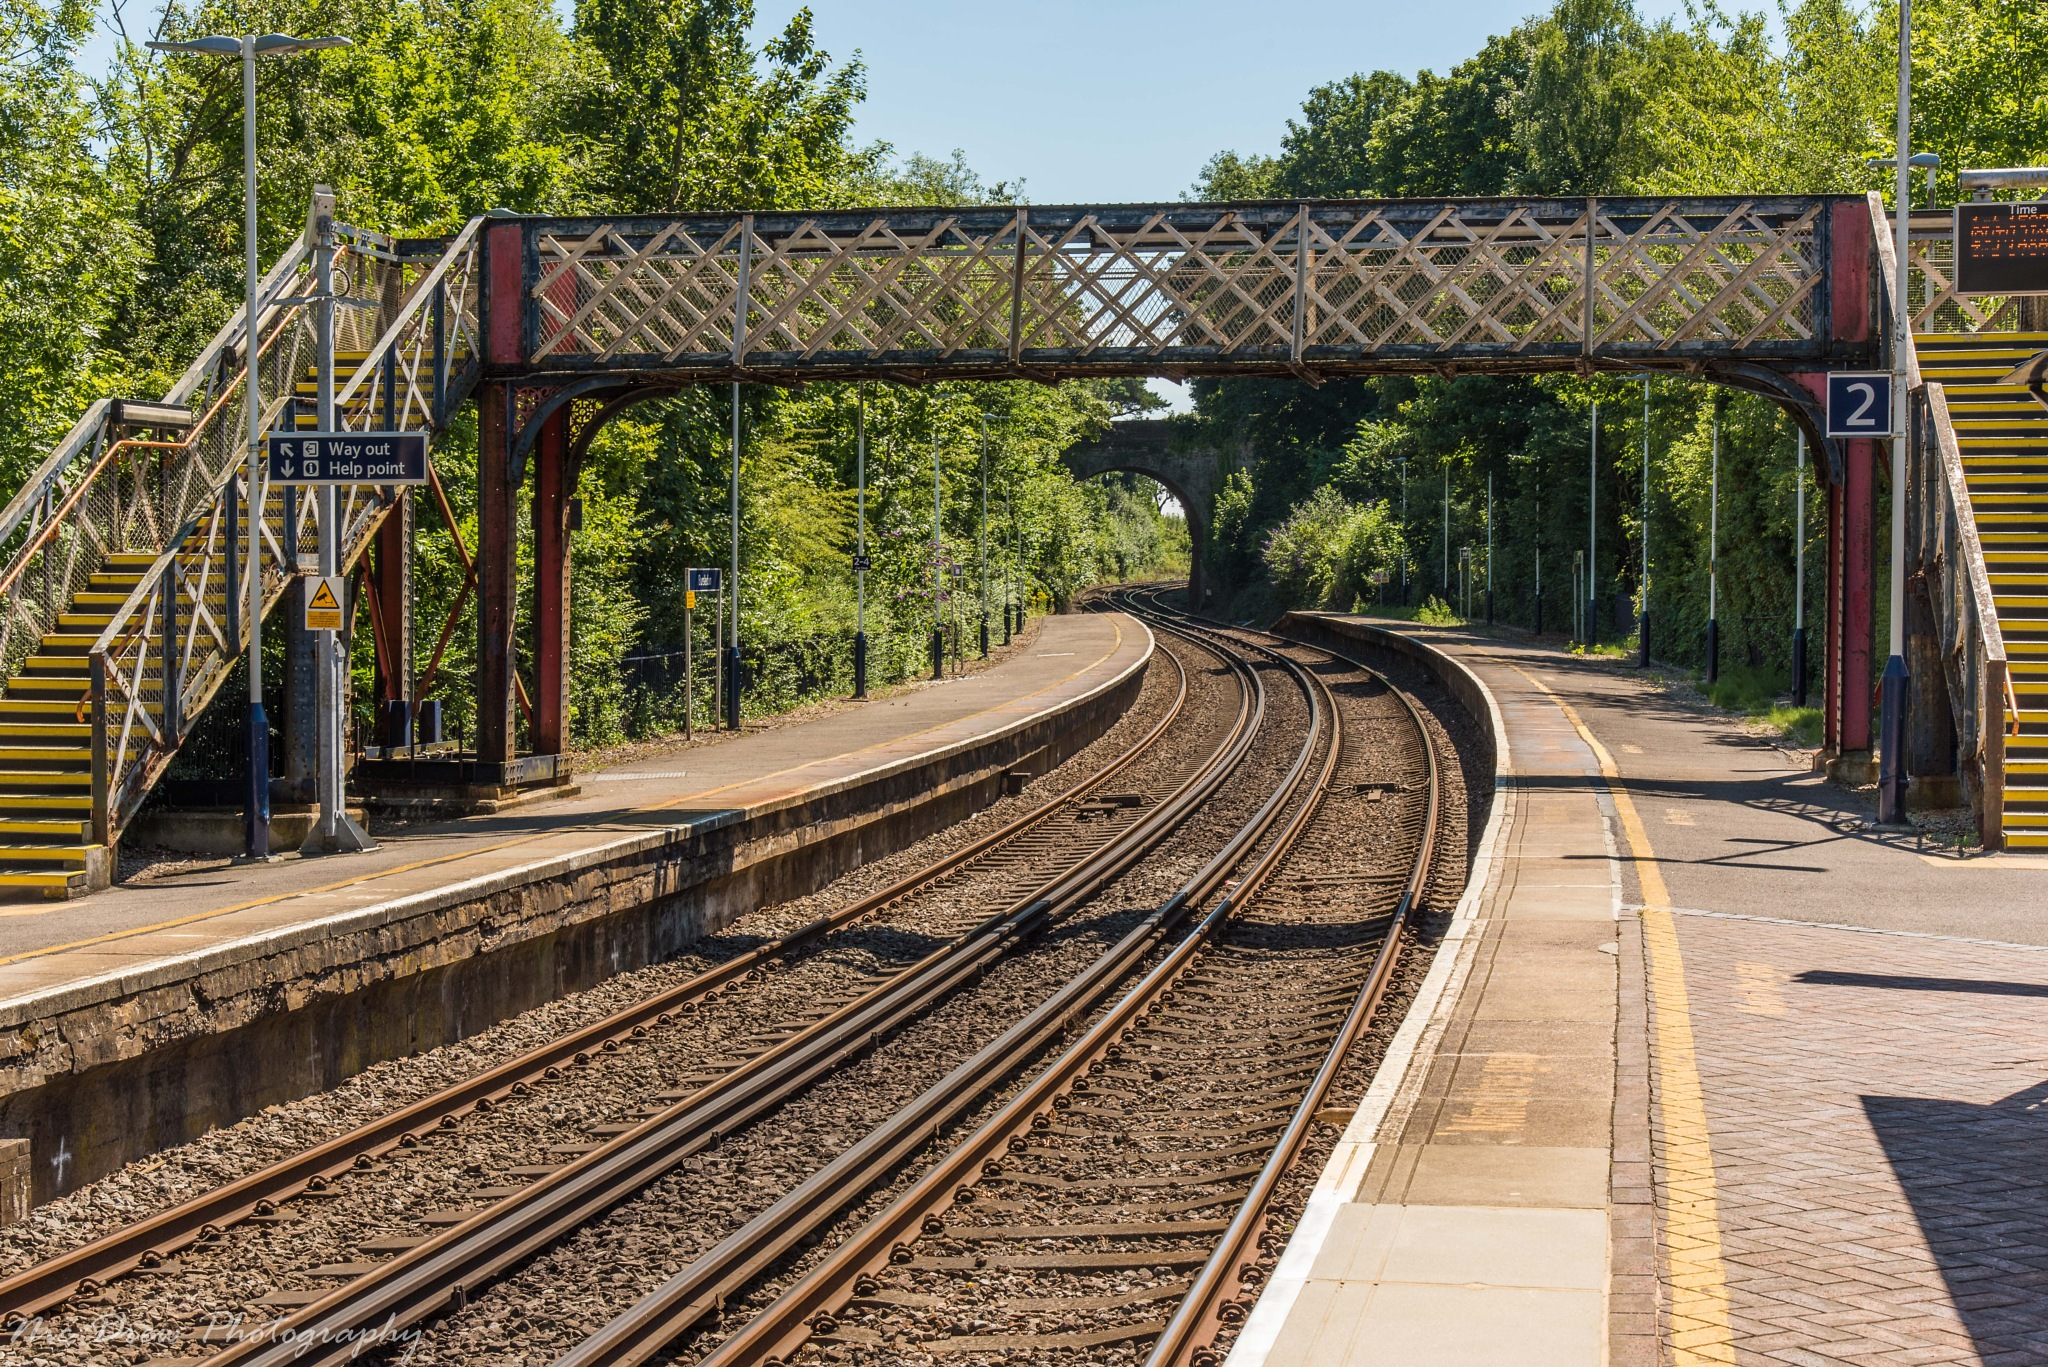 Bursledon station by Nic Drew